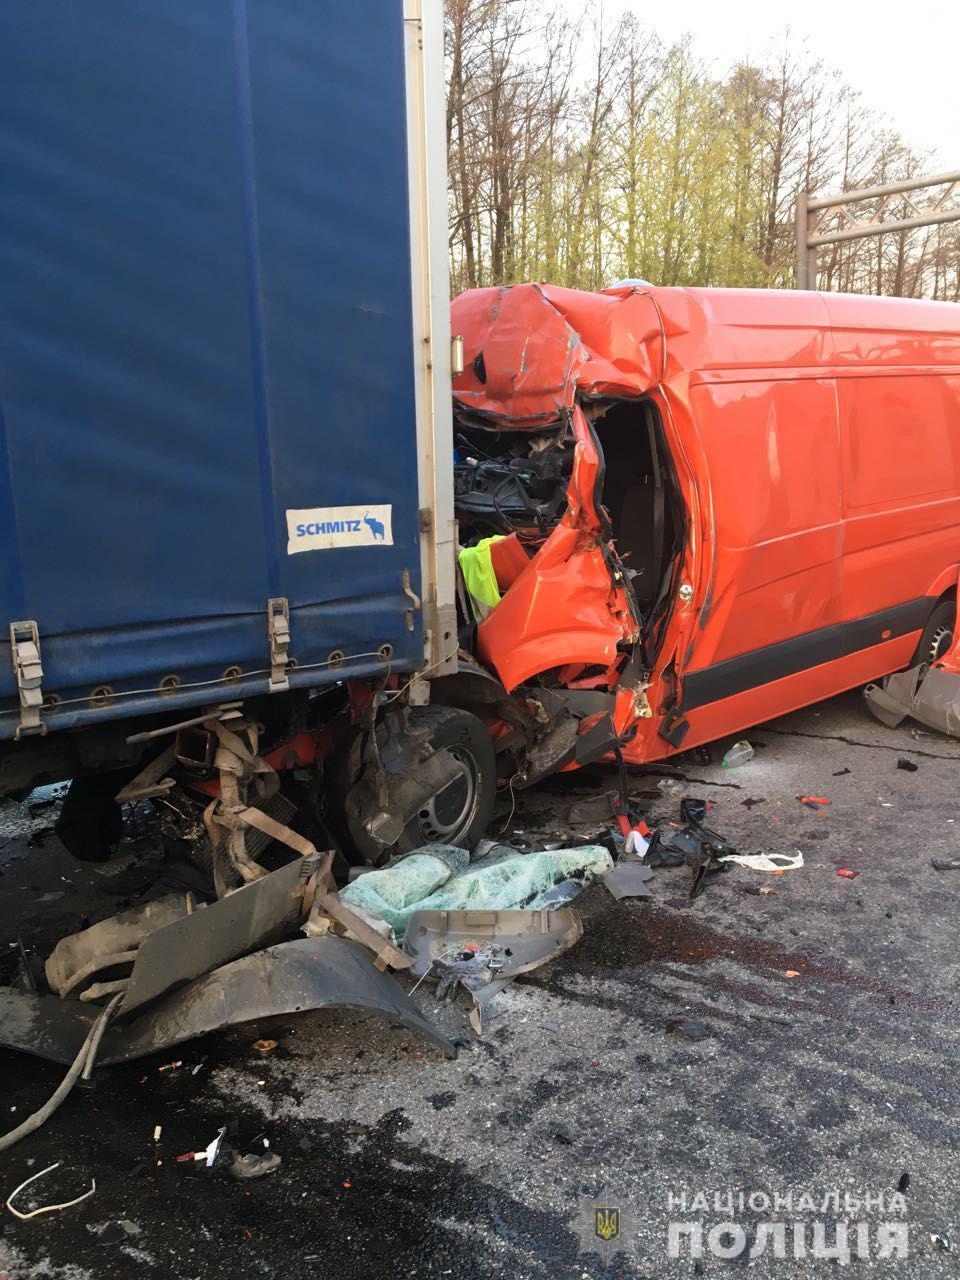 index4 - Поява лося на дорозі призвела до смертельного ДТП на Житомирщині